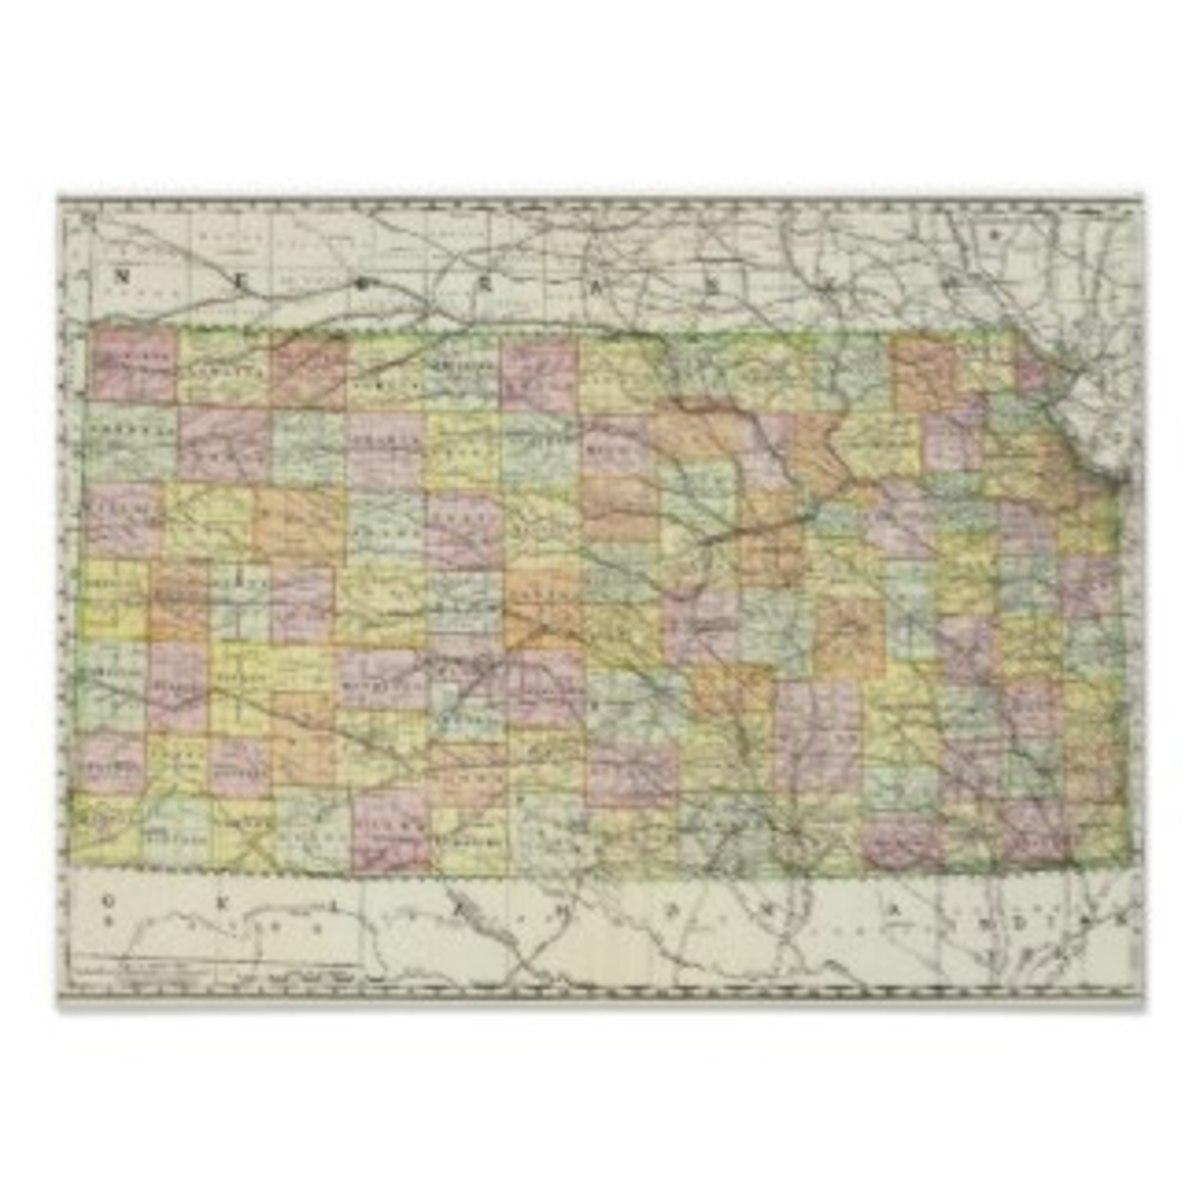 Vintage map of Kansas